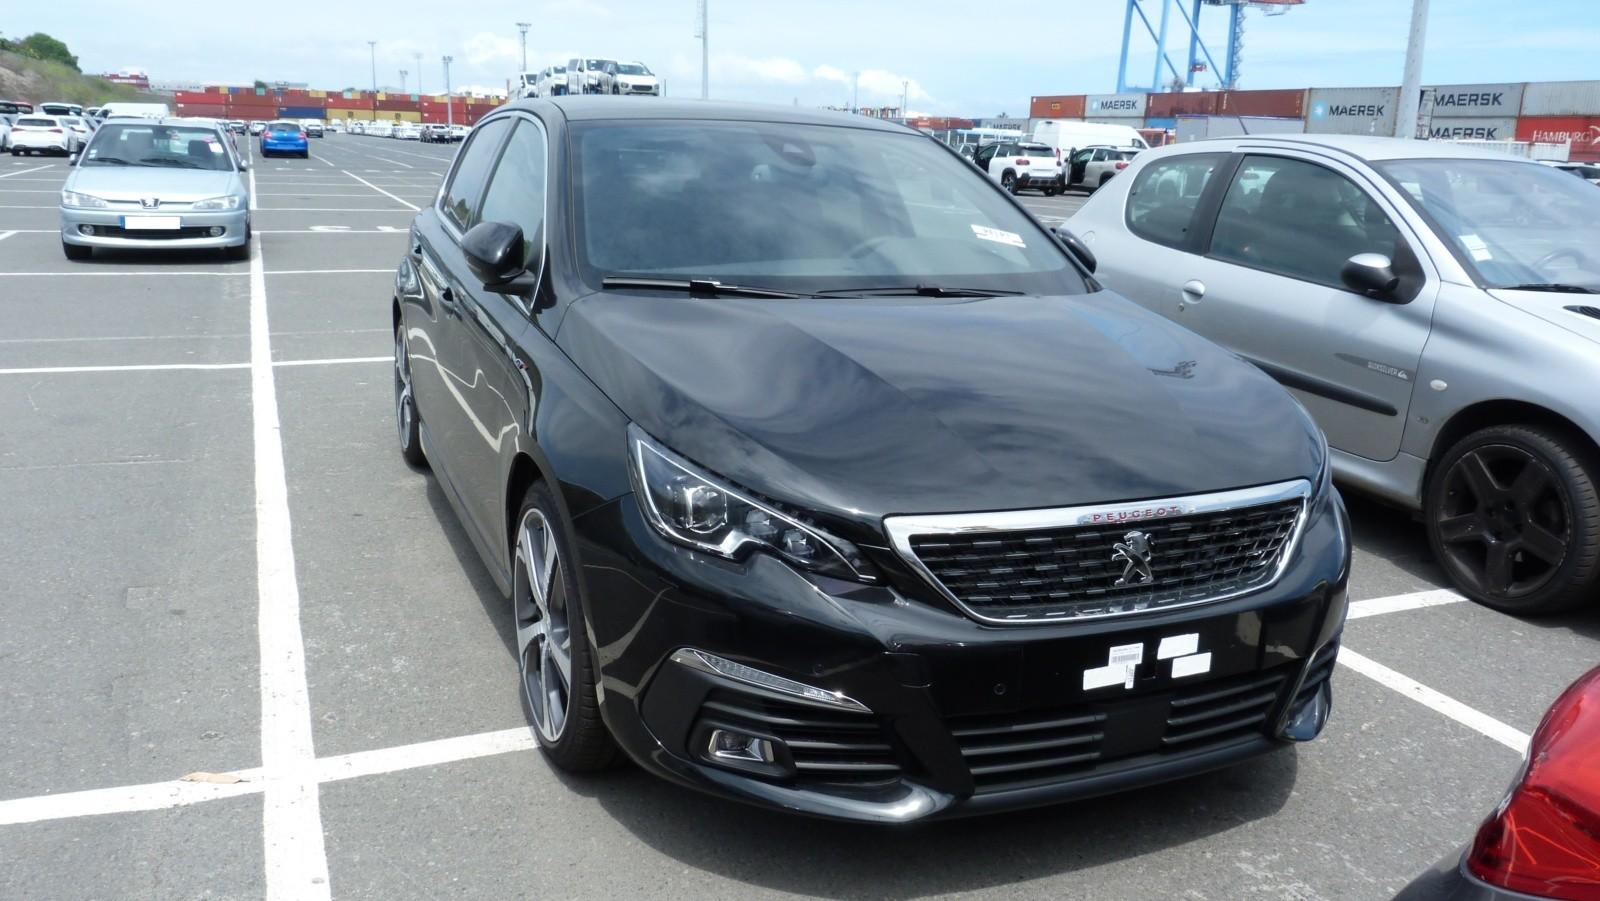 Peugeot 308 livrée à la Réunion au meilleur prix avec e-runcars